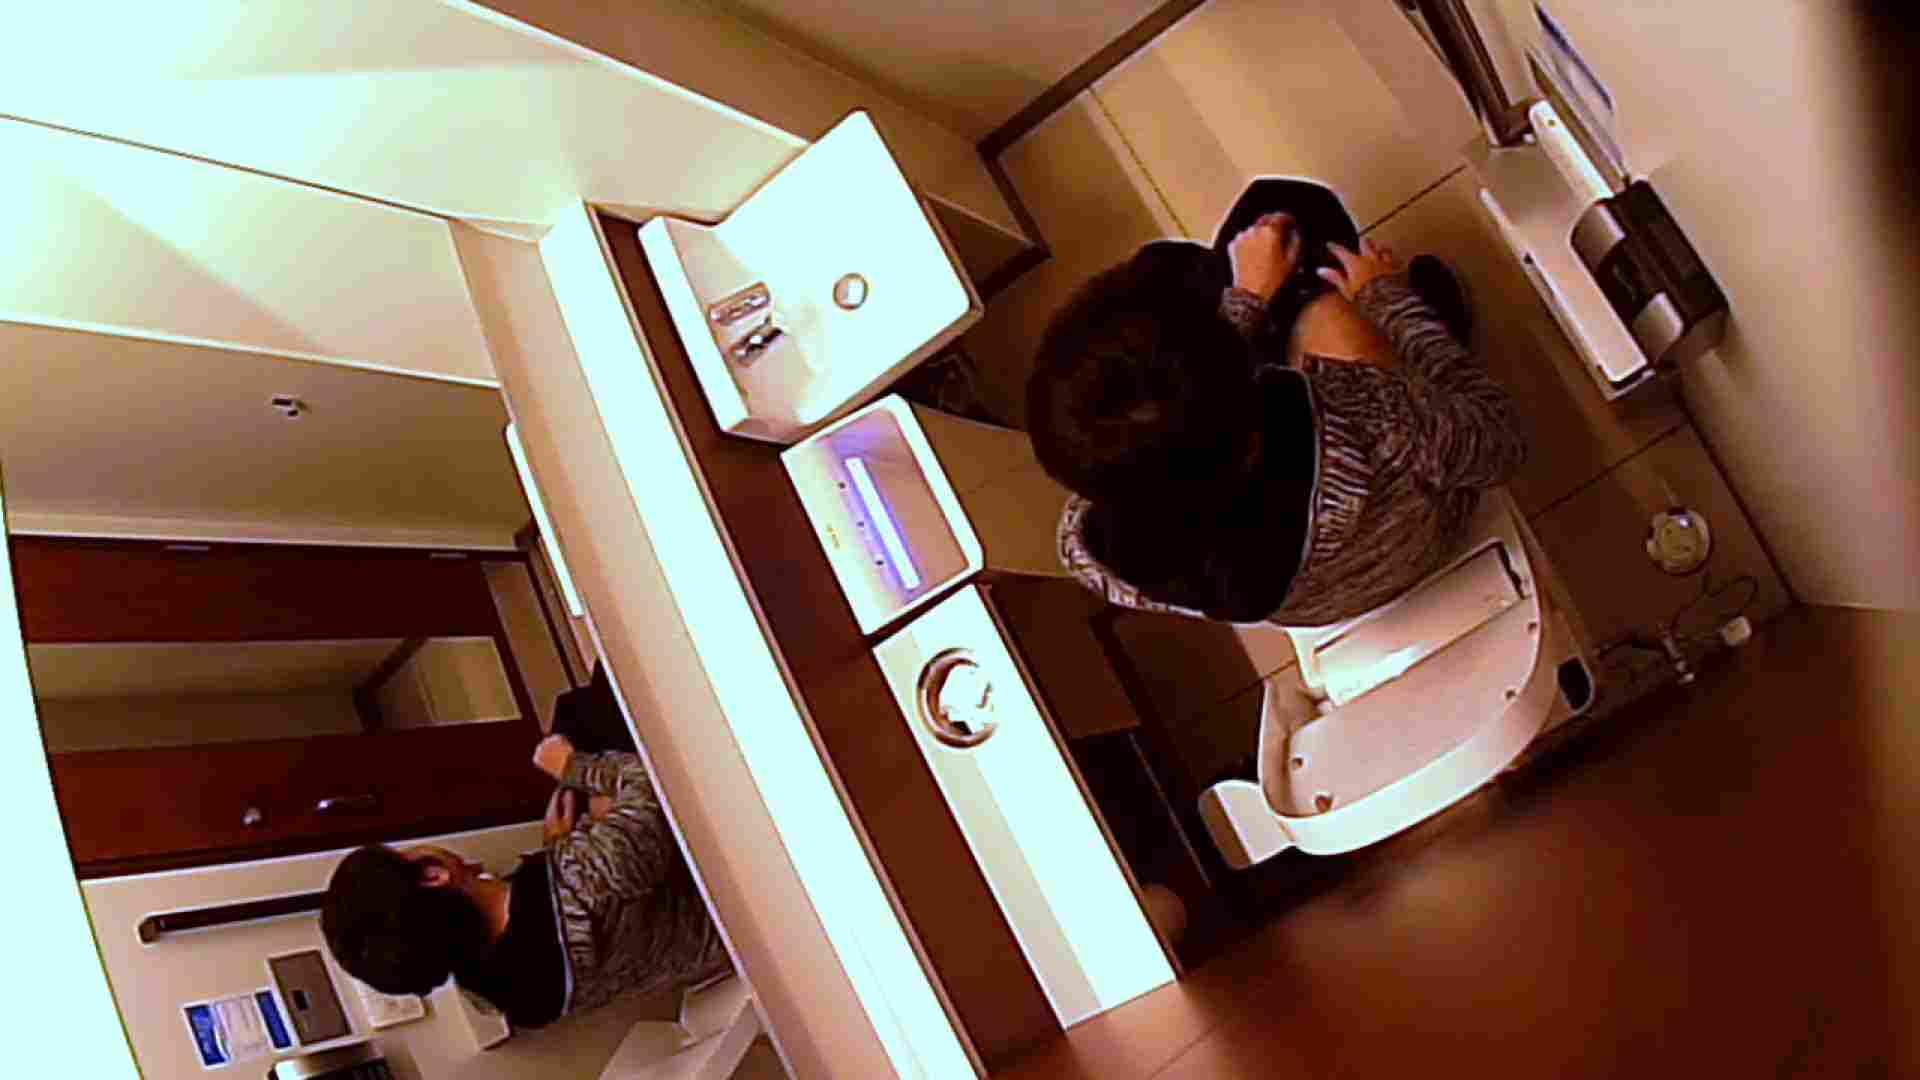 イケメンの素顔in洗面所 Vol.03 イケメンのゲイ達 | 丸見え  91枚 37